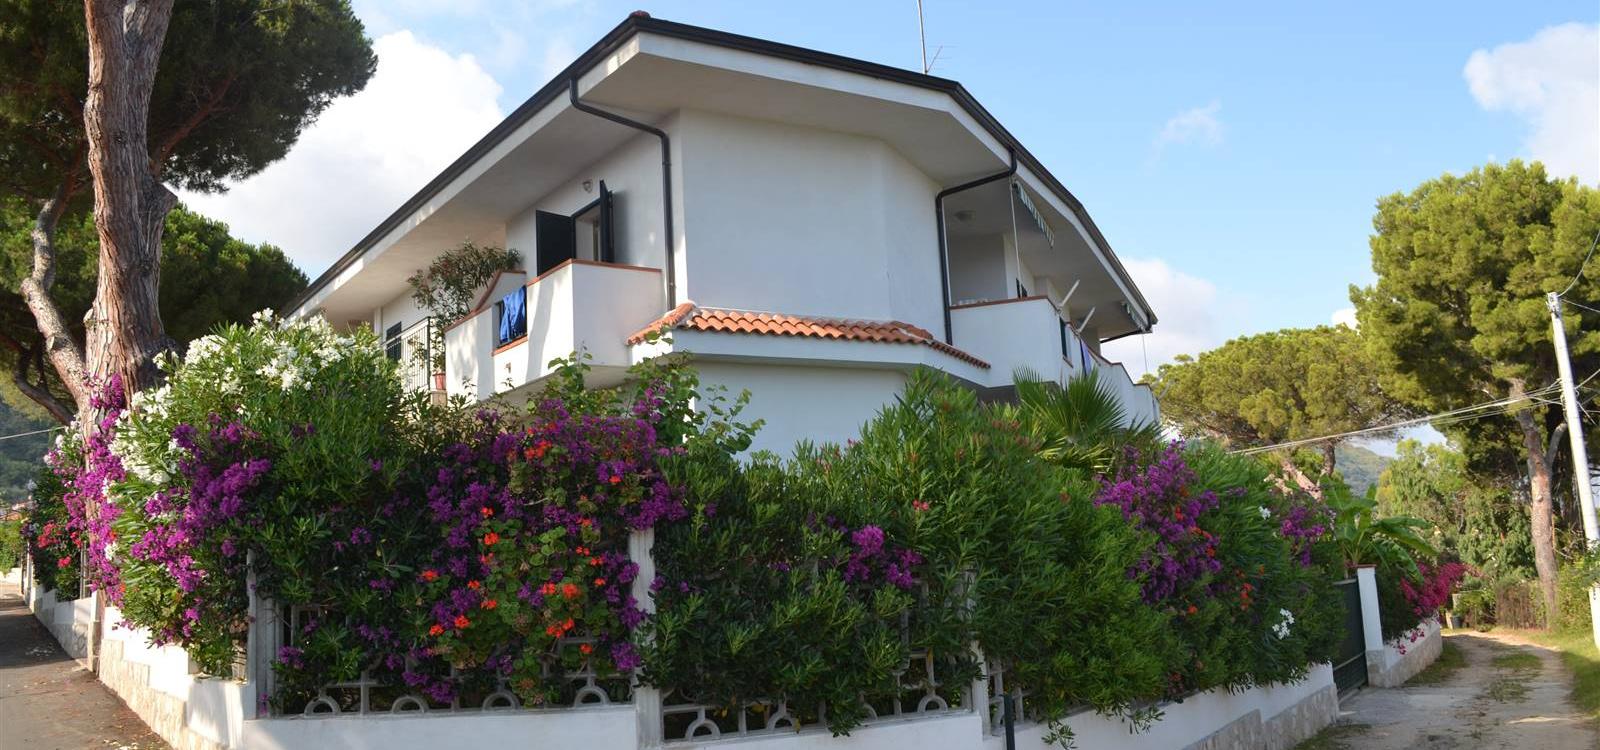 Casa Vacanze, Affitto per vacanze, C/da Genola, ID Struttura 1087, C/da Genola, parghelia, vibo valentia, Italy, 89861,